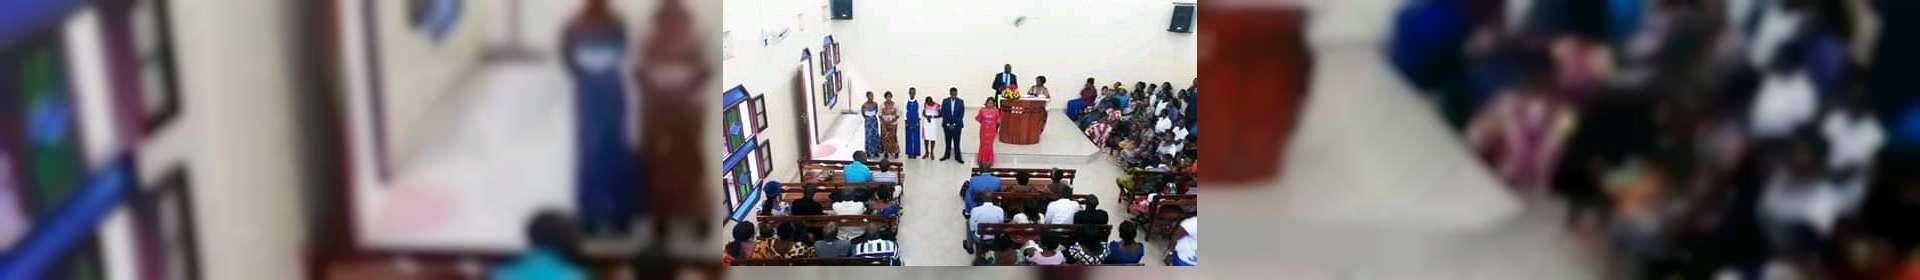 Culto de batismo em Burundi aponta crescimento da obra do Senhor Jesus no continente africano